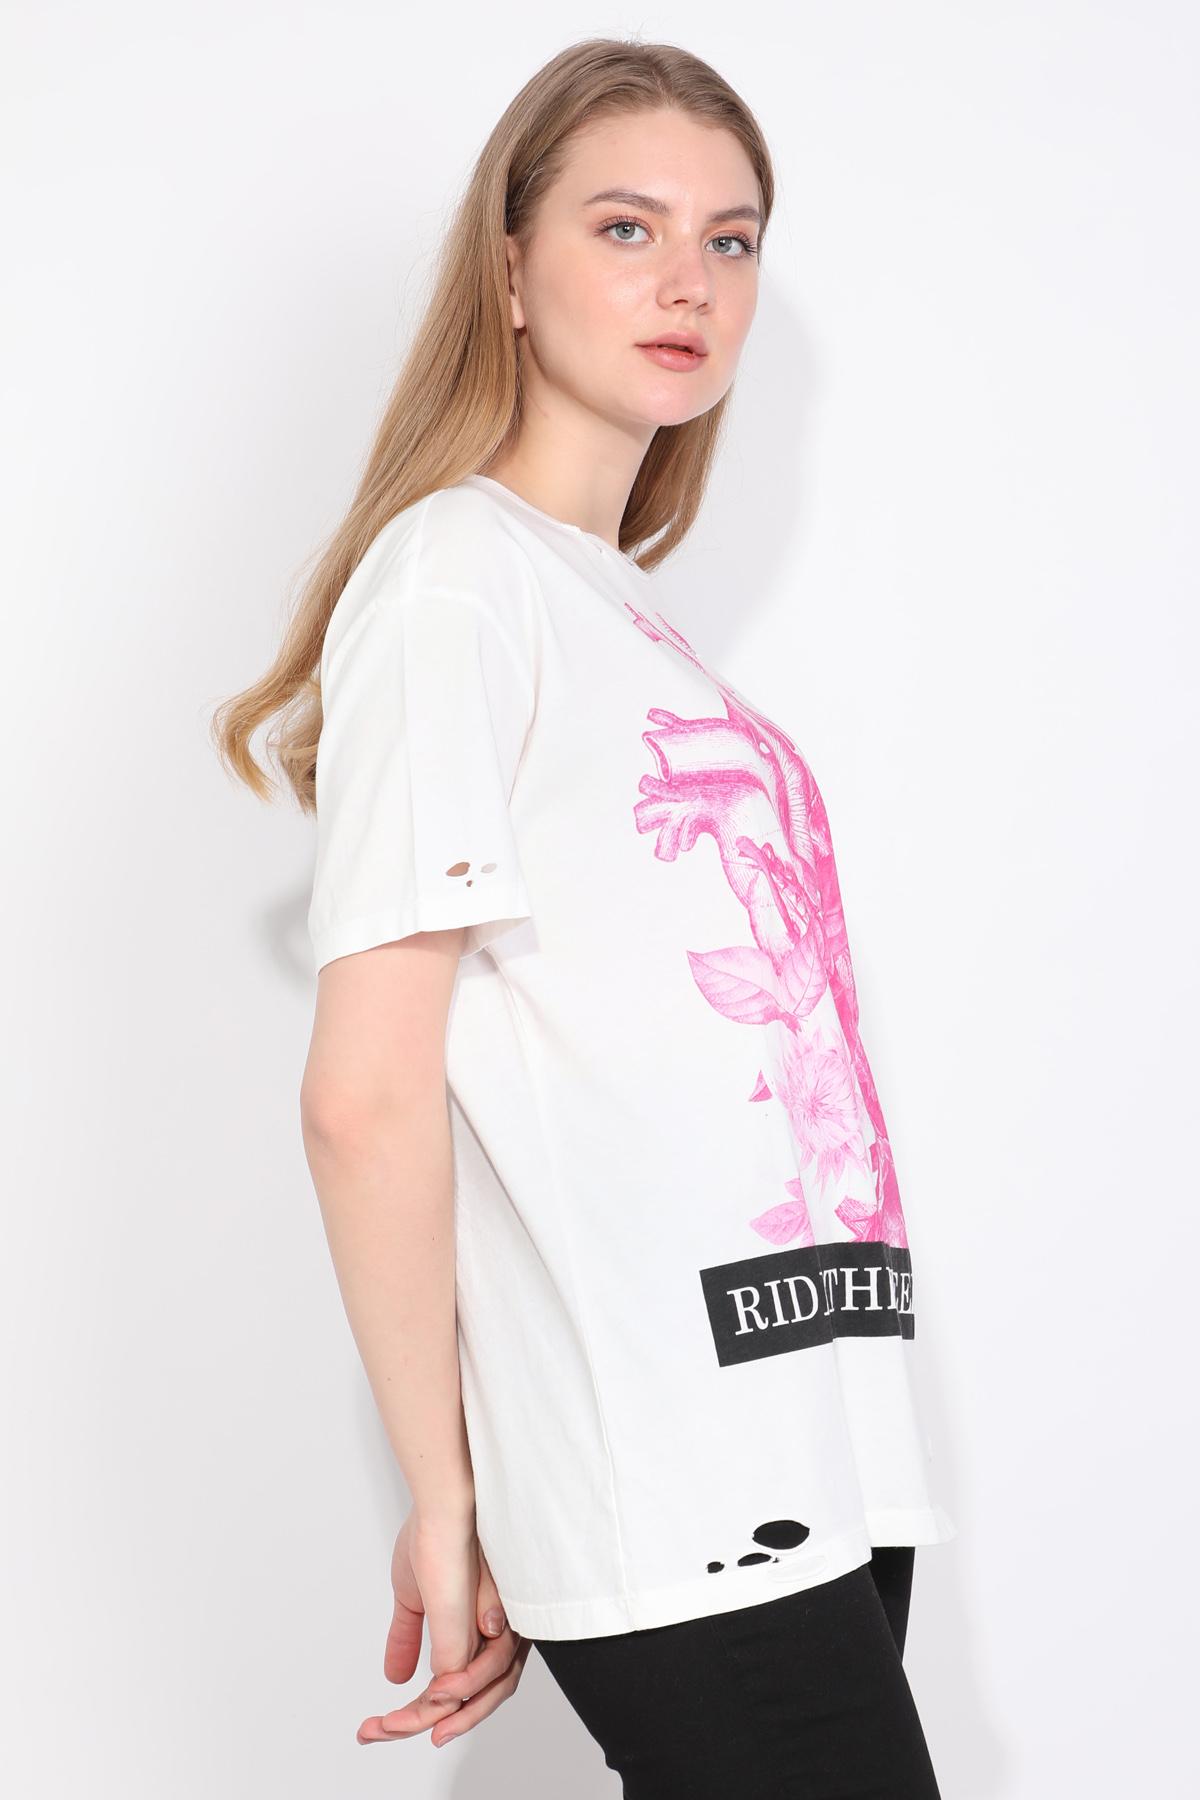 Kadın Bisiklet Yaka Yırtık Detaylı Baskılı T-shirt Beyaz